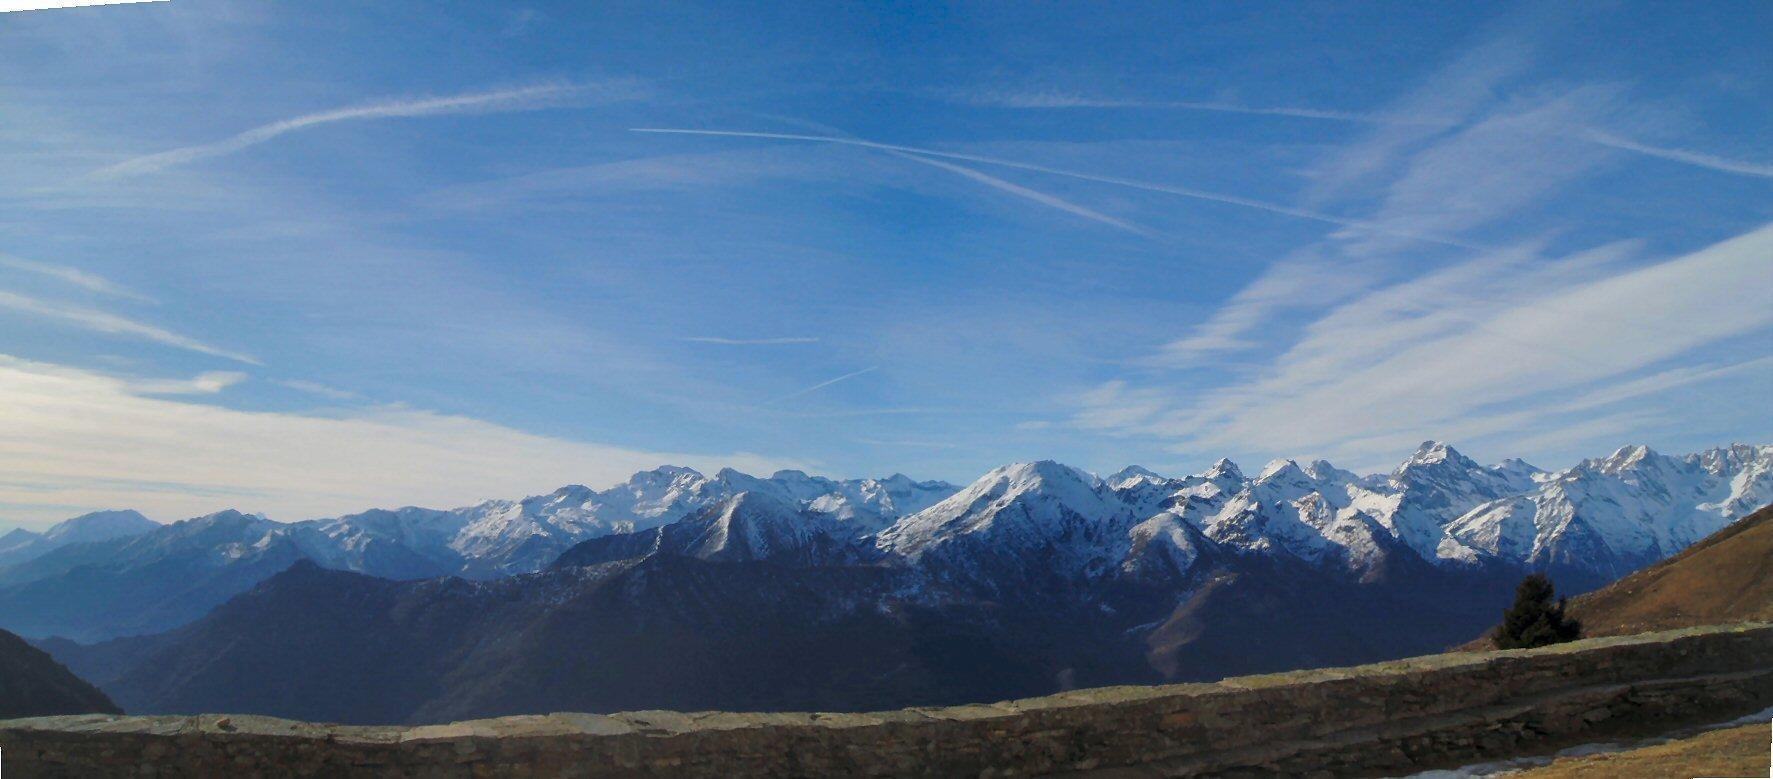 Valli di lanzo con i suoi monti.